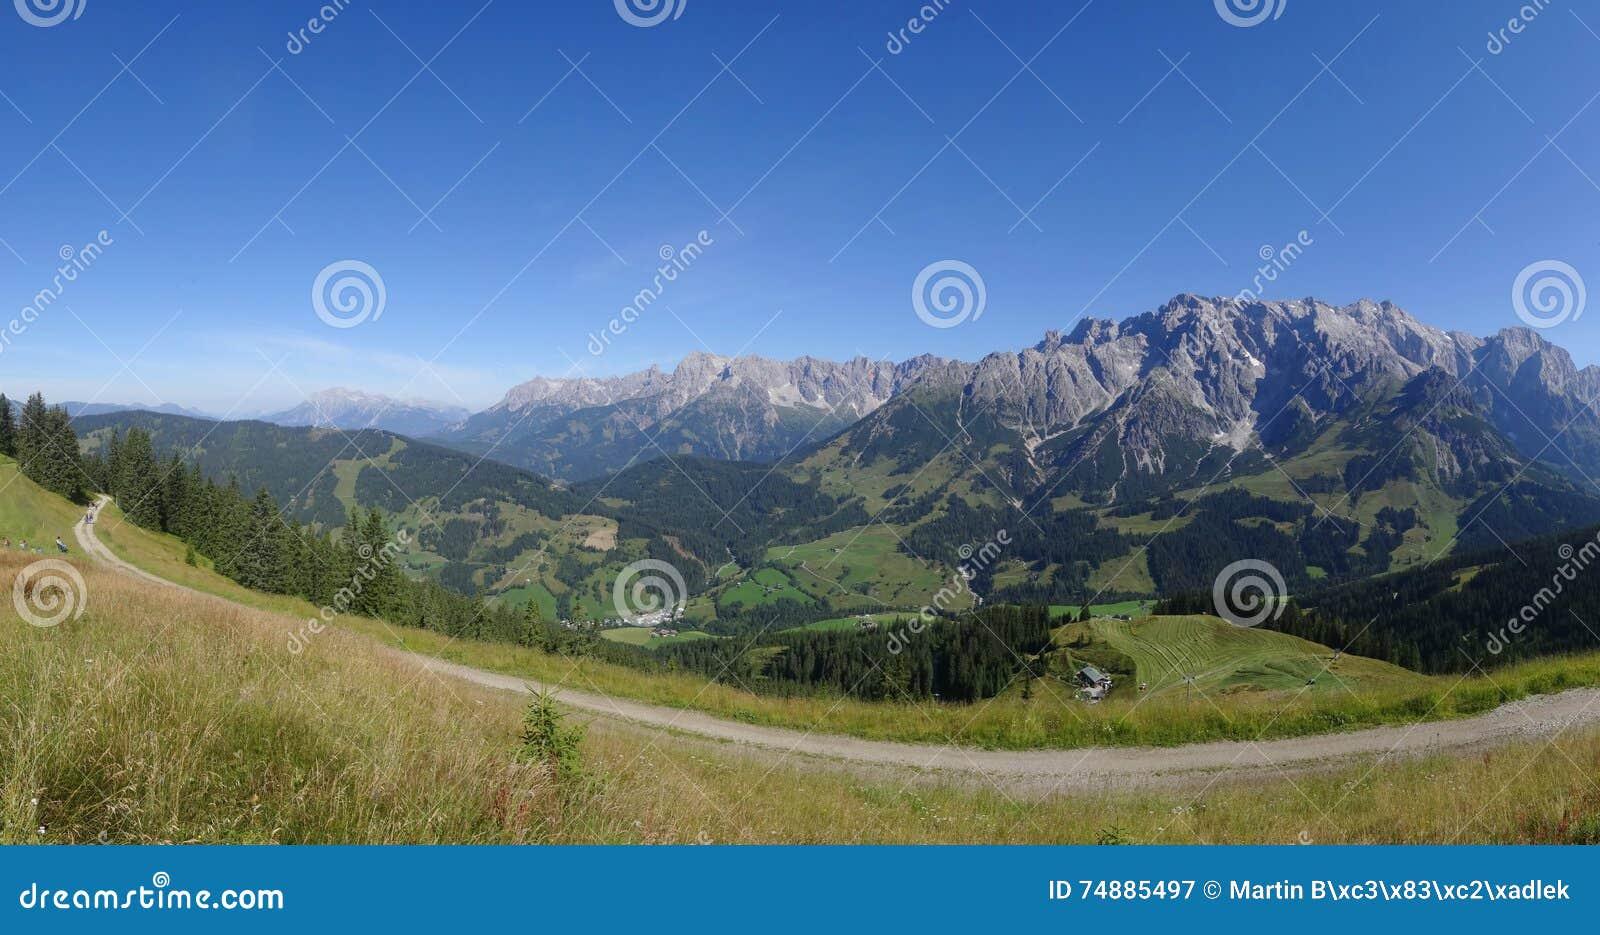 Hochkoenig, Dienten,萨尔茨堡,奥地利